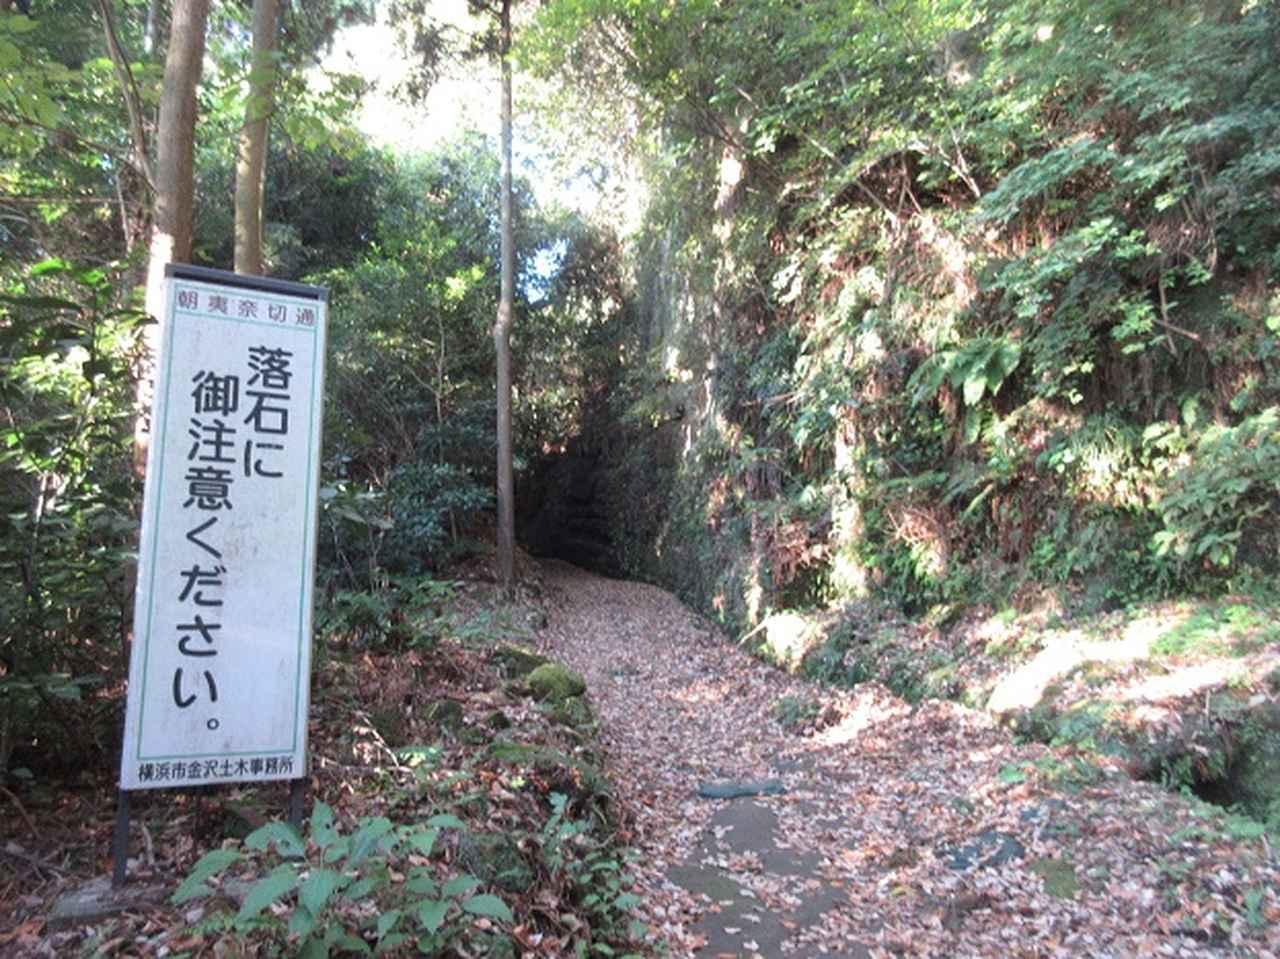 画像1: このツアーは 「鎌倉から三浦半島を歩こう(全15回)」 の3回目のツアーです